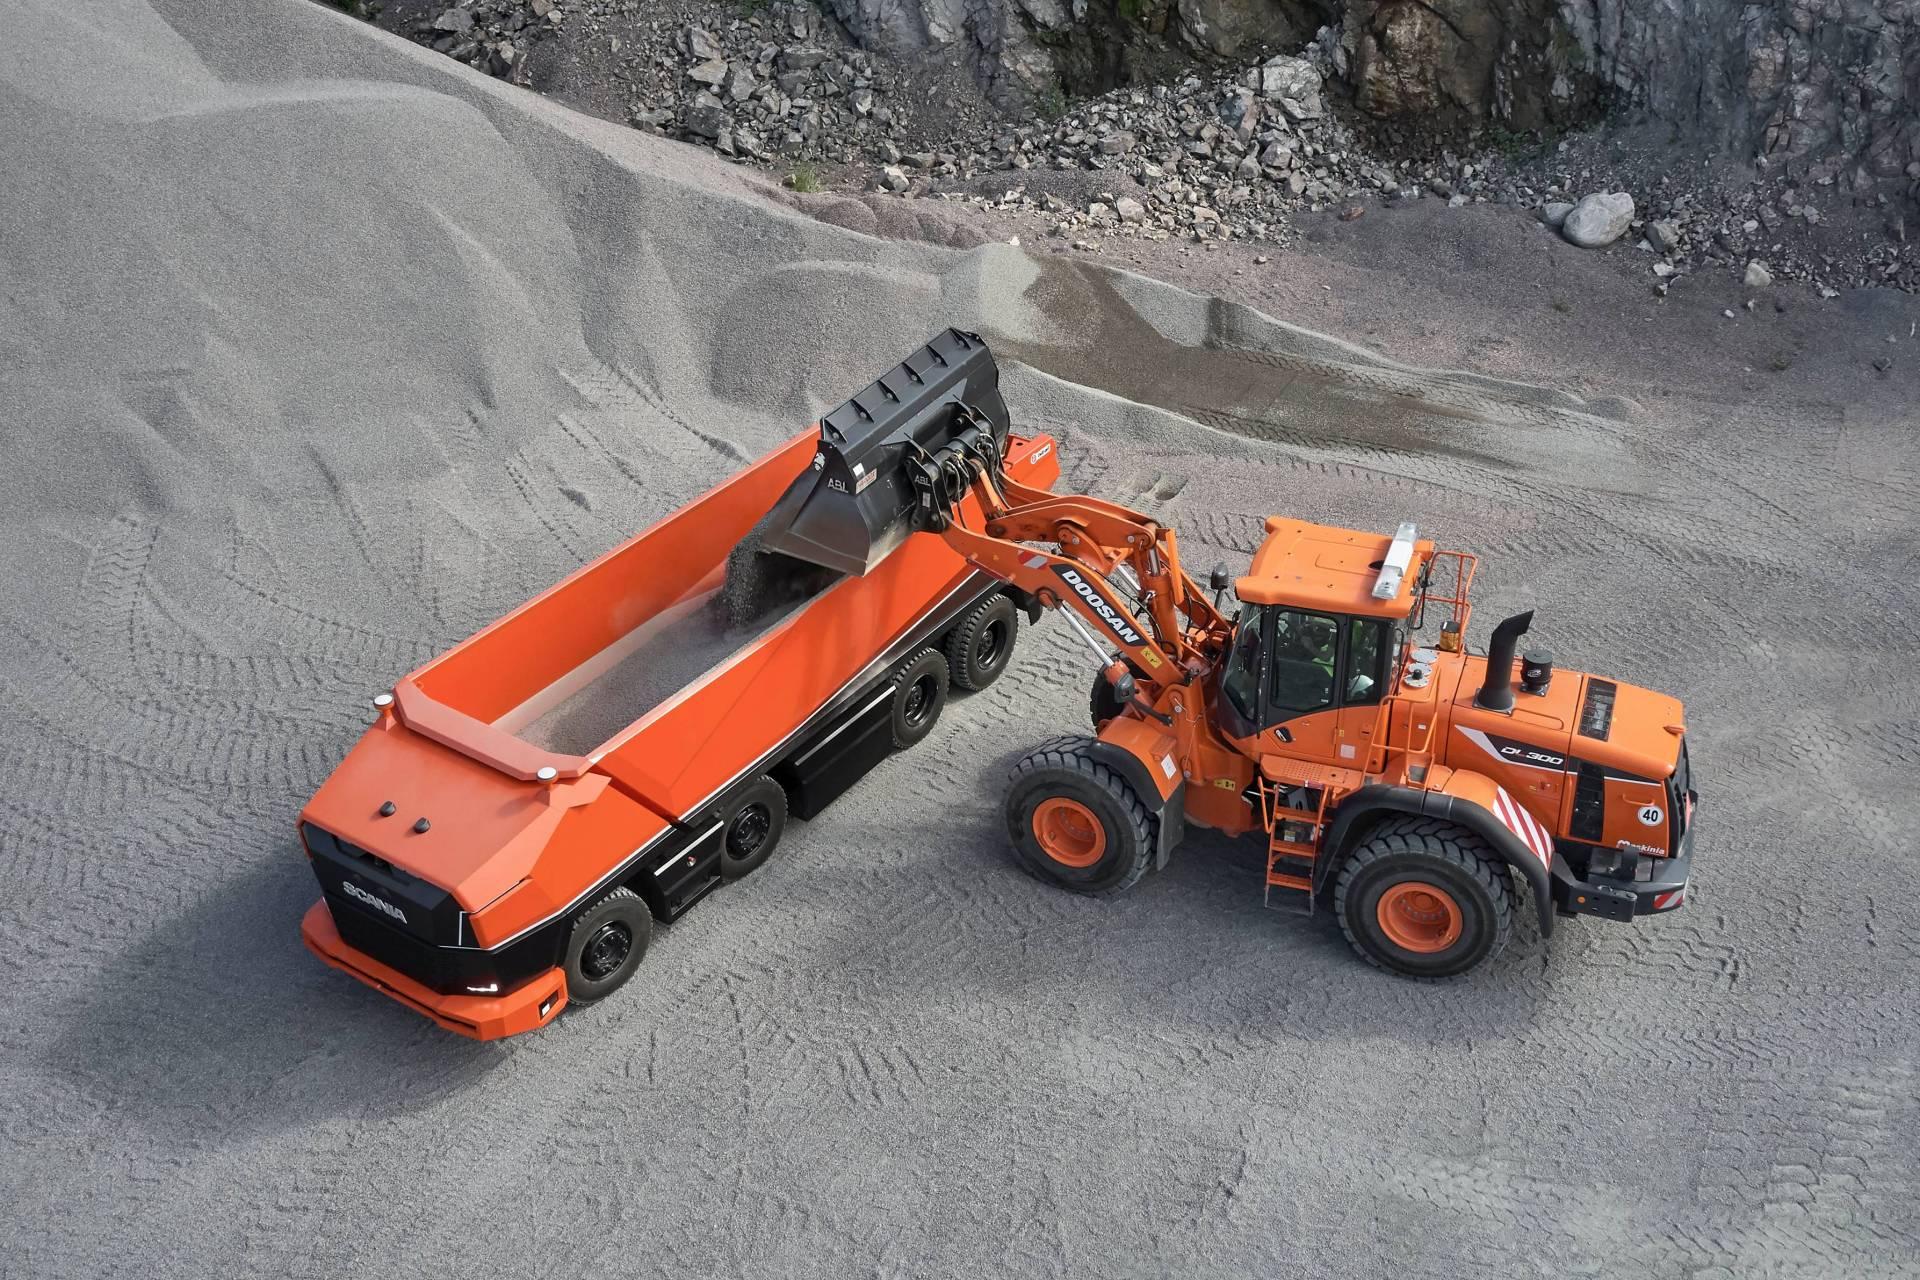 Camion Autonomo Scania 1